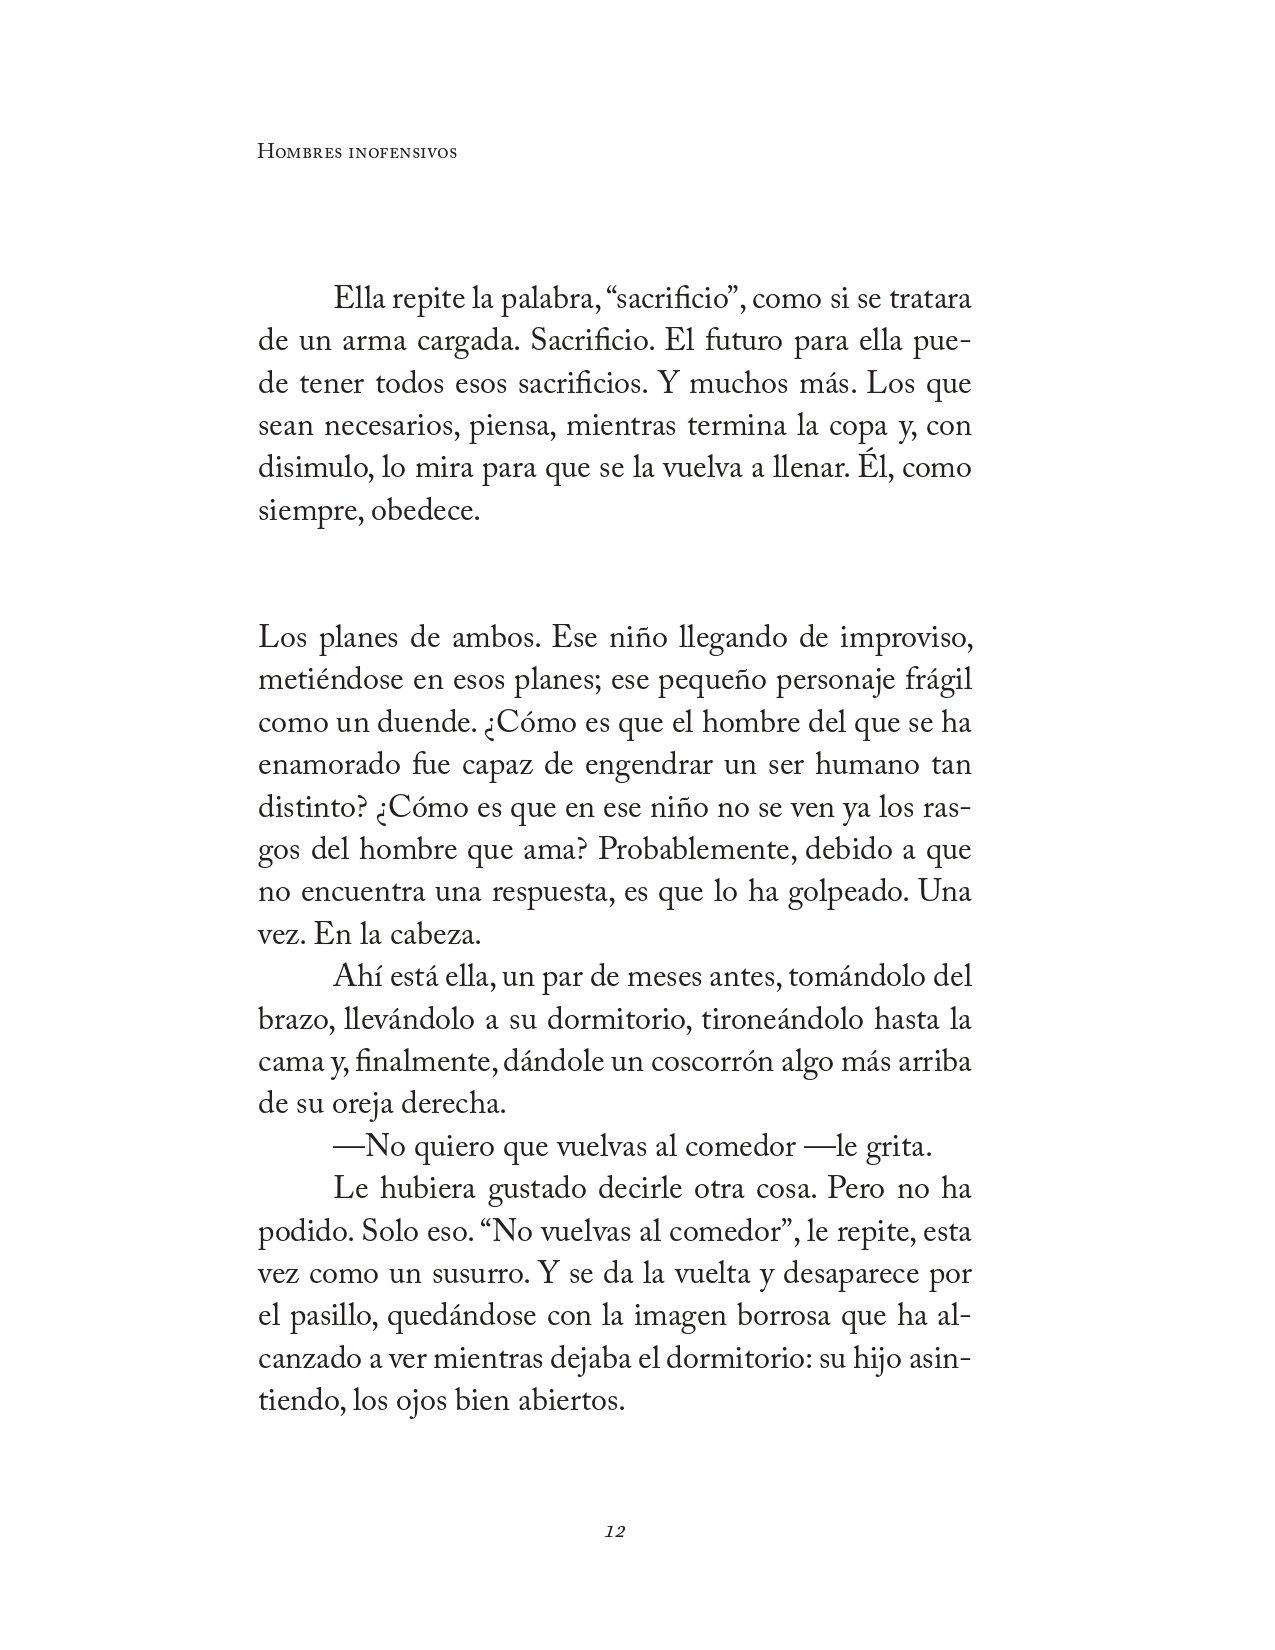 Adelanto_Hombres_Inofensivos_Patricio_Tapia_page-0009